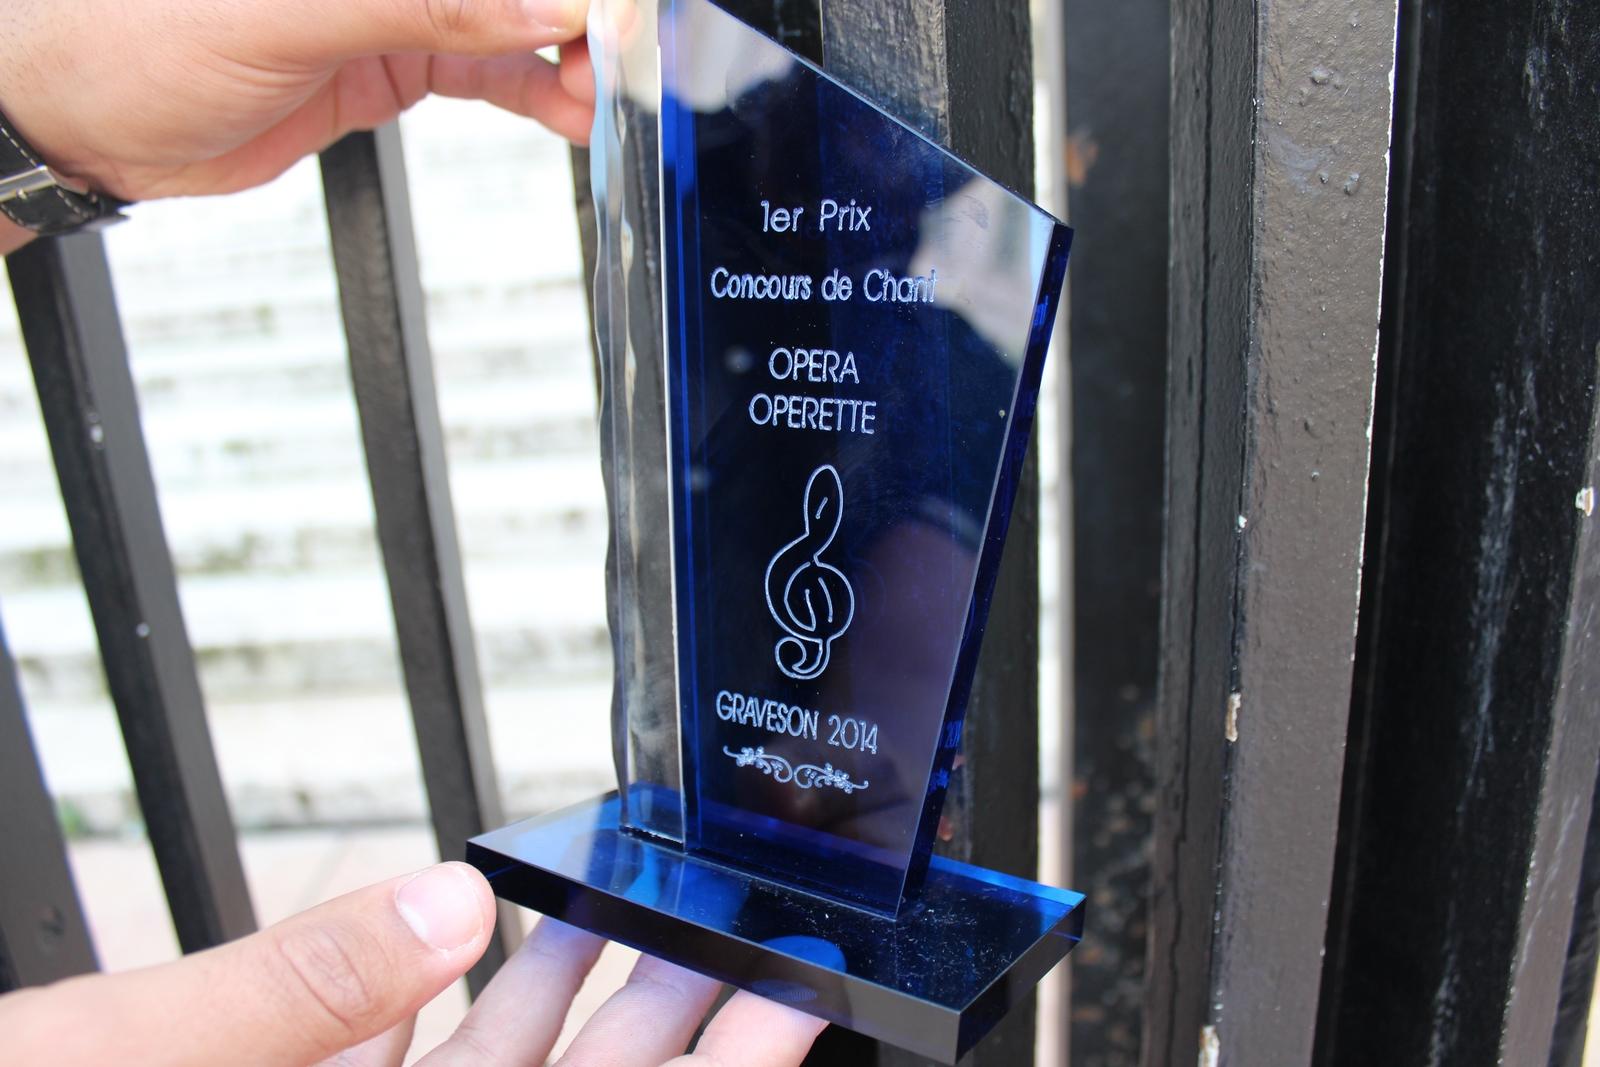 Naestro obtient le 1er prix du concours de chant Graveson 2014.© AL